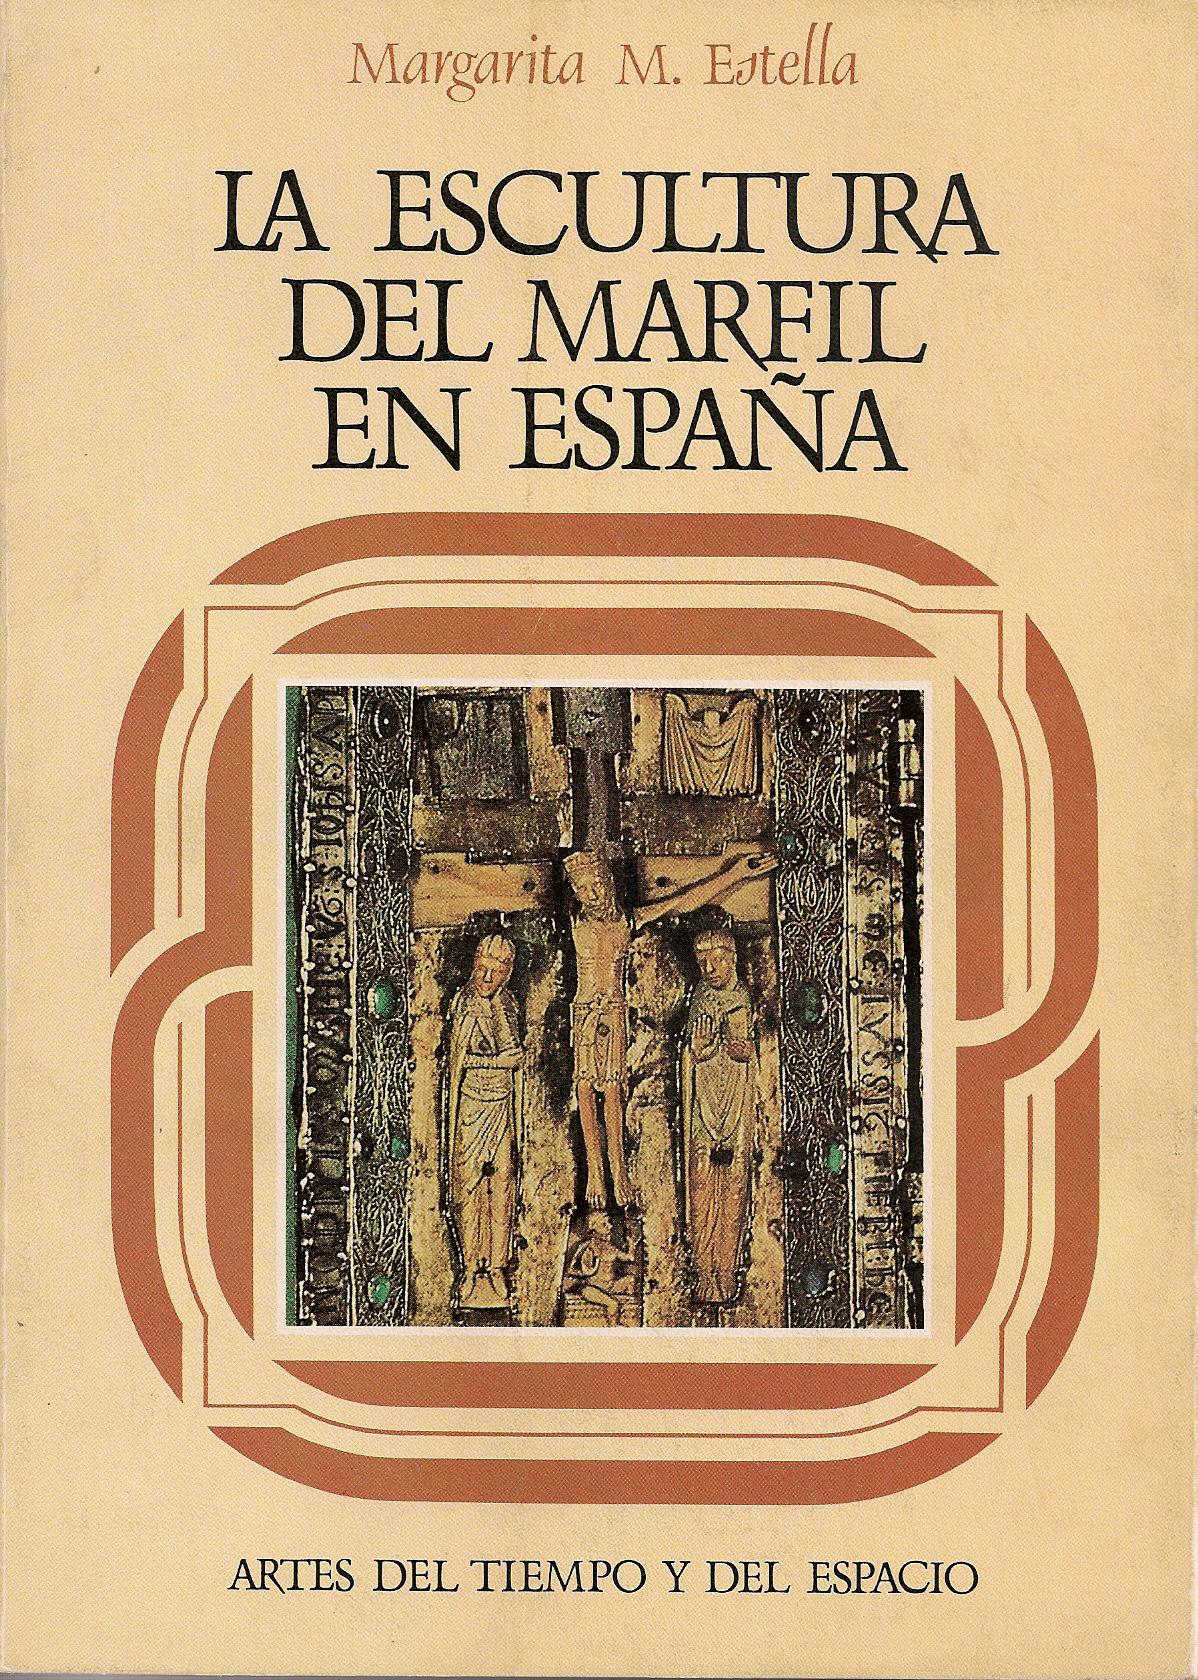 La escultura del marfil en España románica y gótica